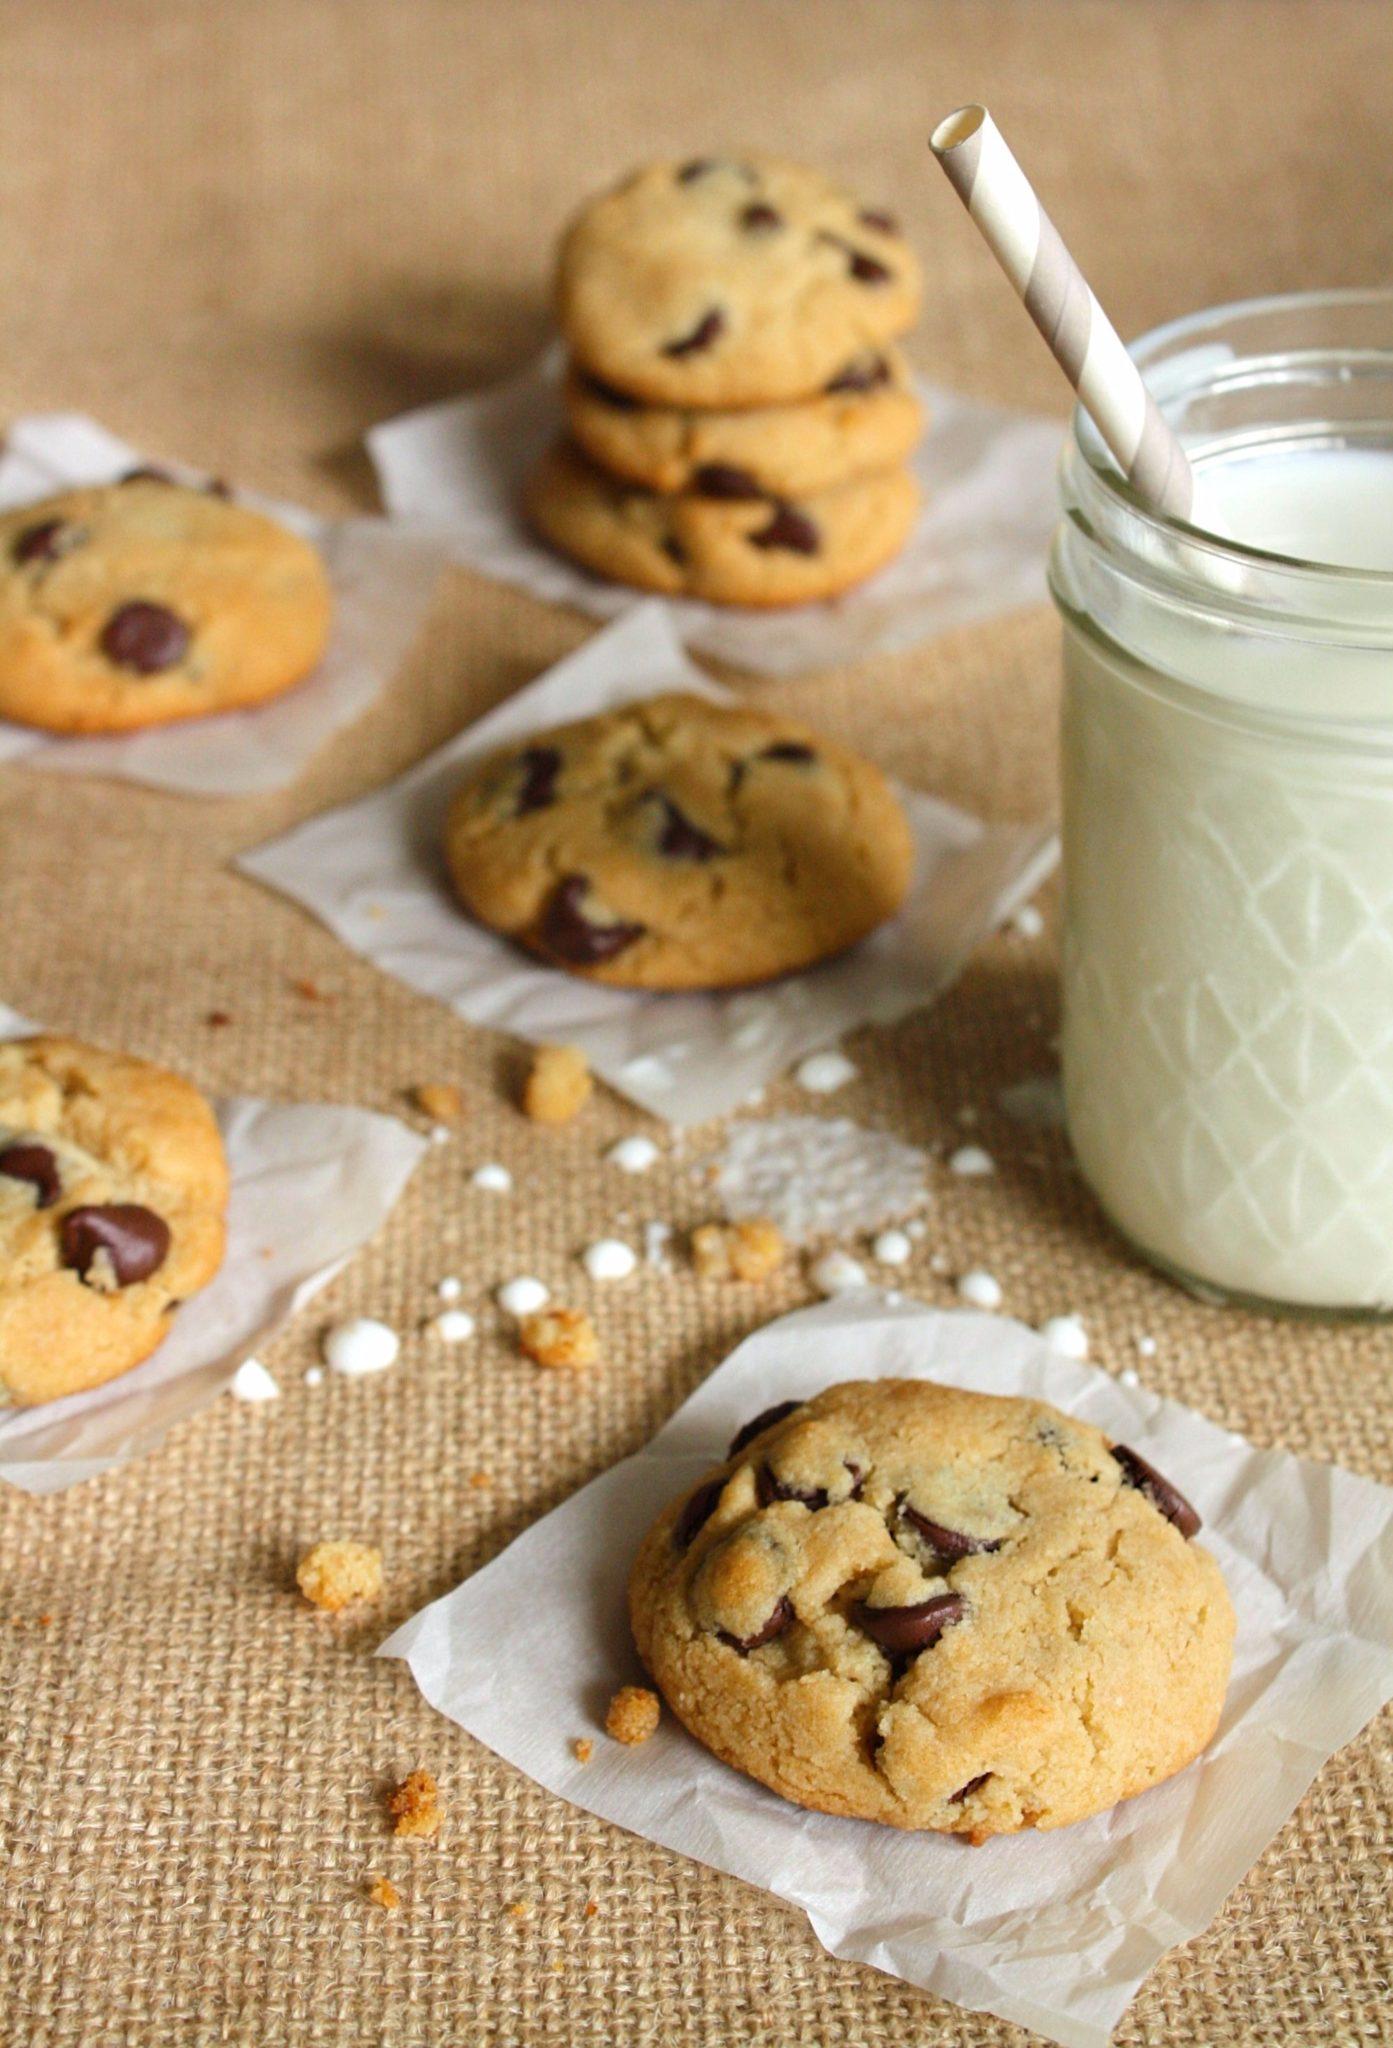 Chocolate Chip Cookies (Low Carb/Paleo). Aviso: Você está prestes a experimentar o melhor chocolate chip cookies que já existiu! Low Carb/Paleo ou não! Já vou avisando logo, são viciantes!